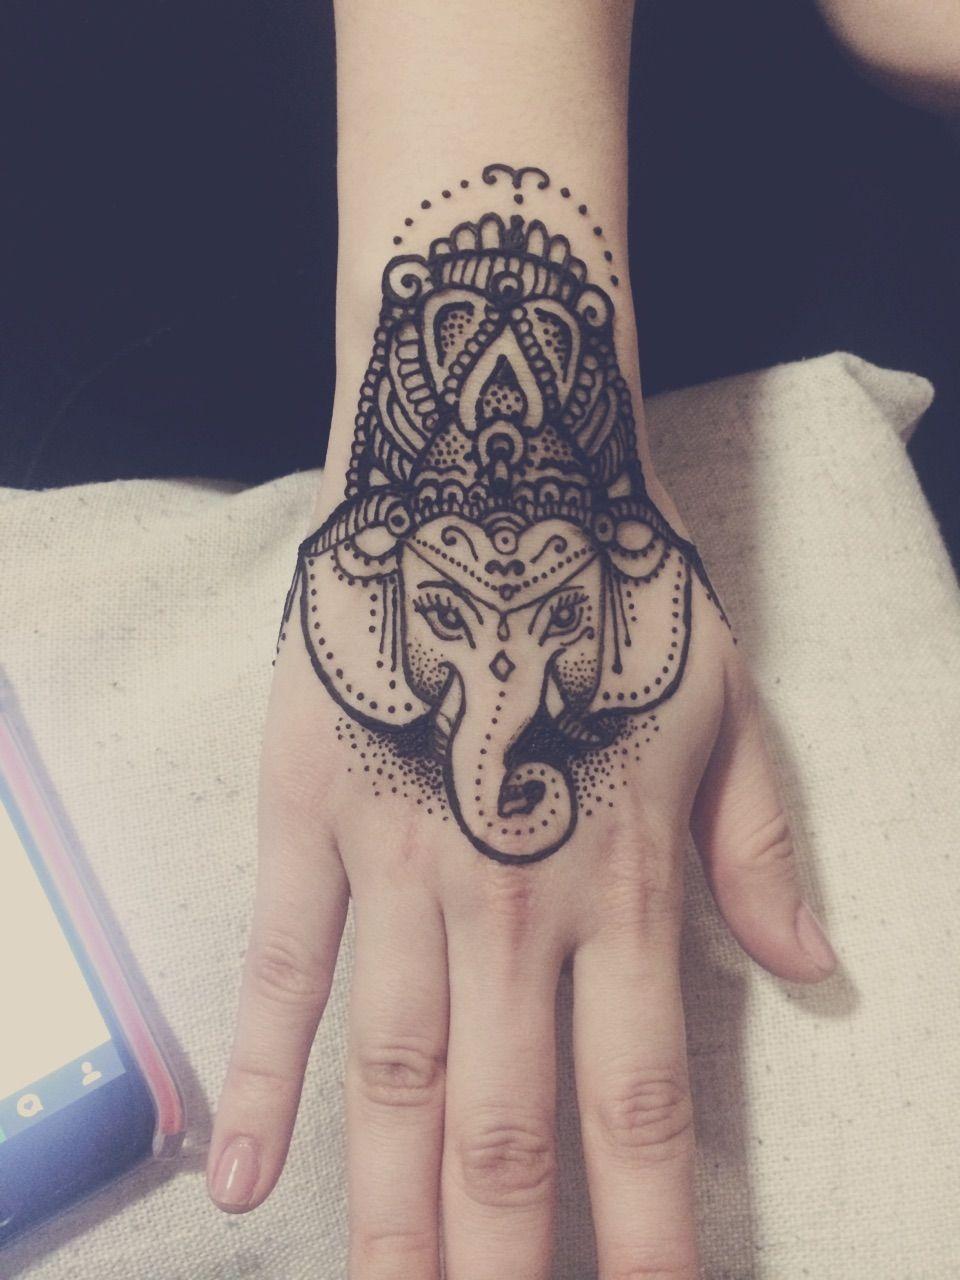 Henna Tattoo Designs Pinterest: Henna Designs 〰 〰 〰 〰